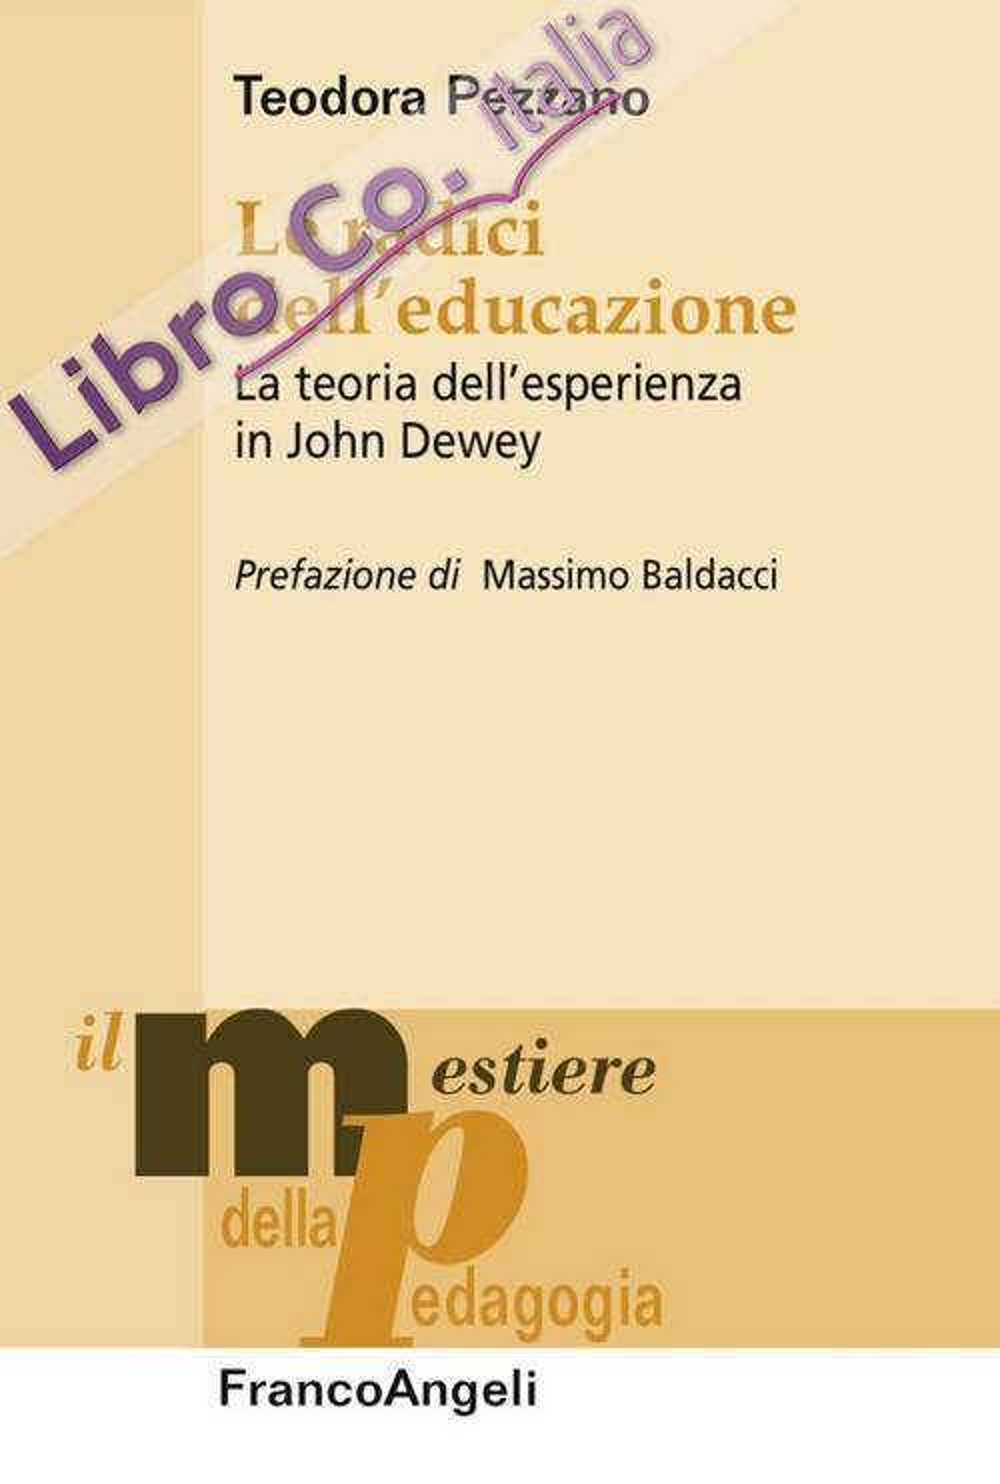 Le radici dell'educazione. La teoria dell'esperienza in John Dewey